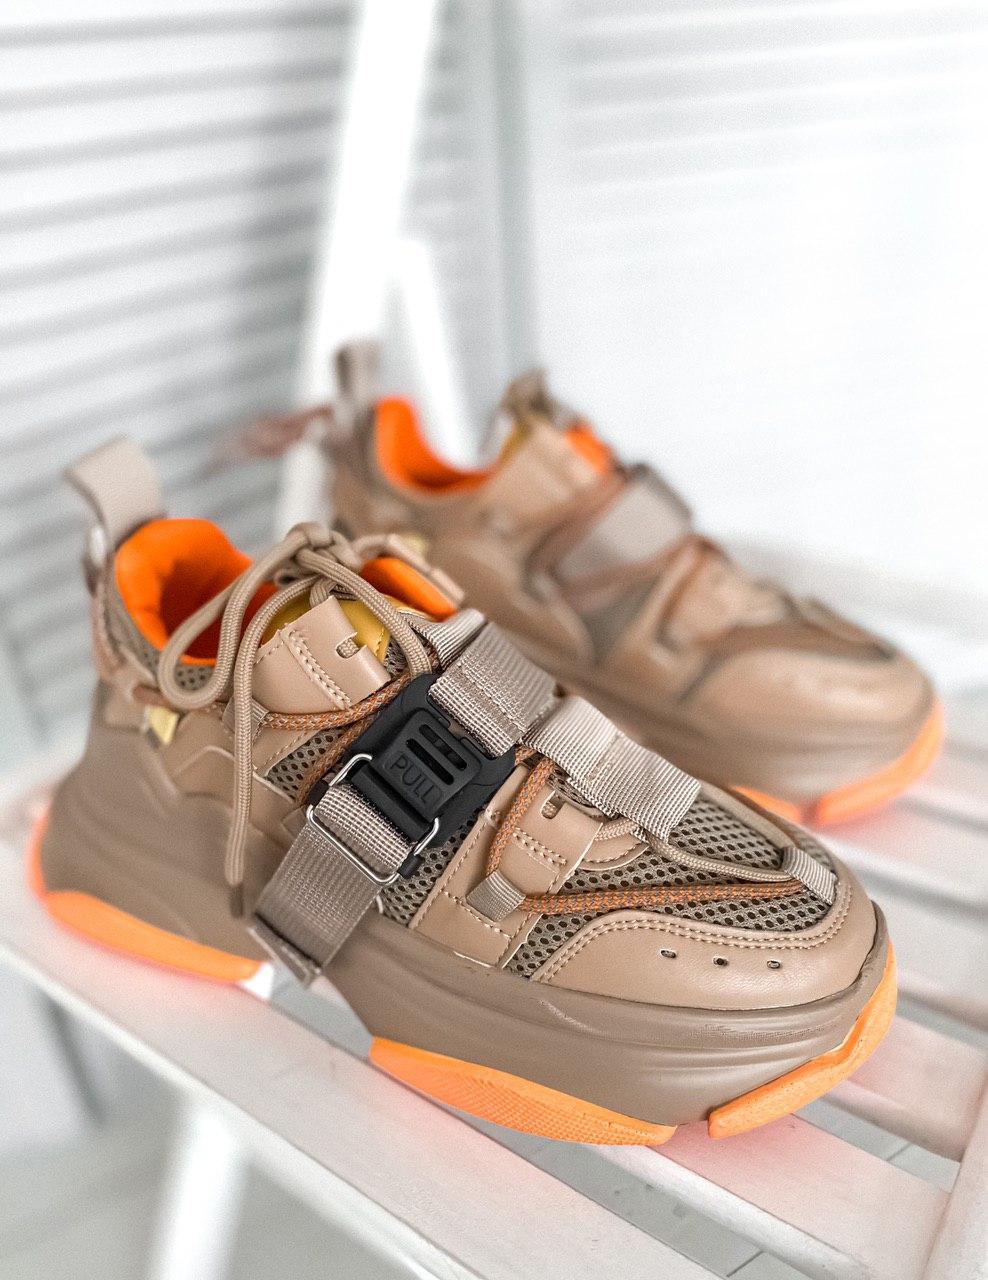 Жіночі кросівки MJ6737 brown orange clamp